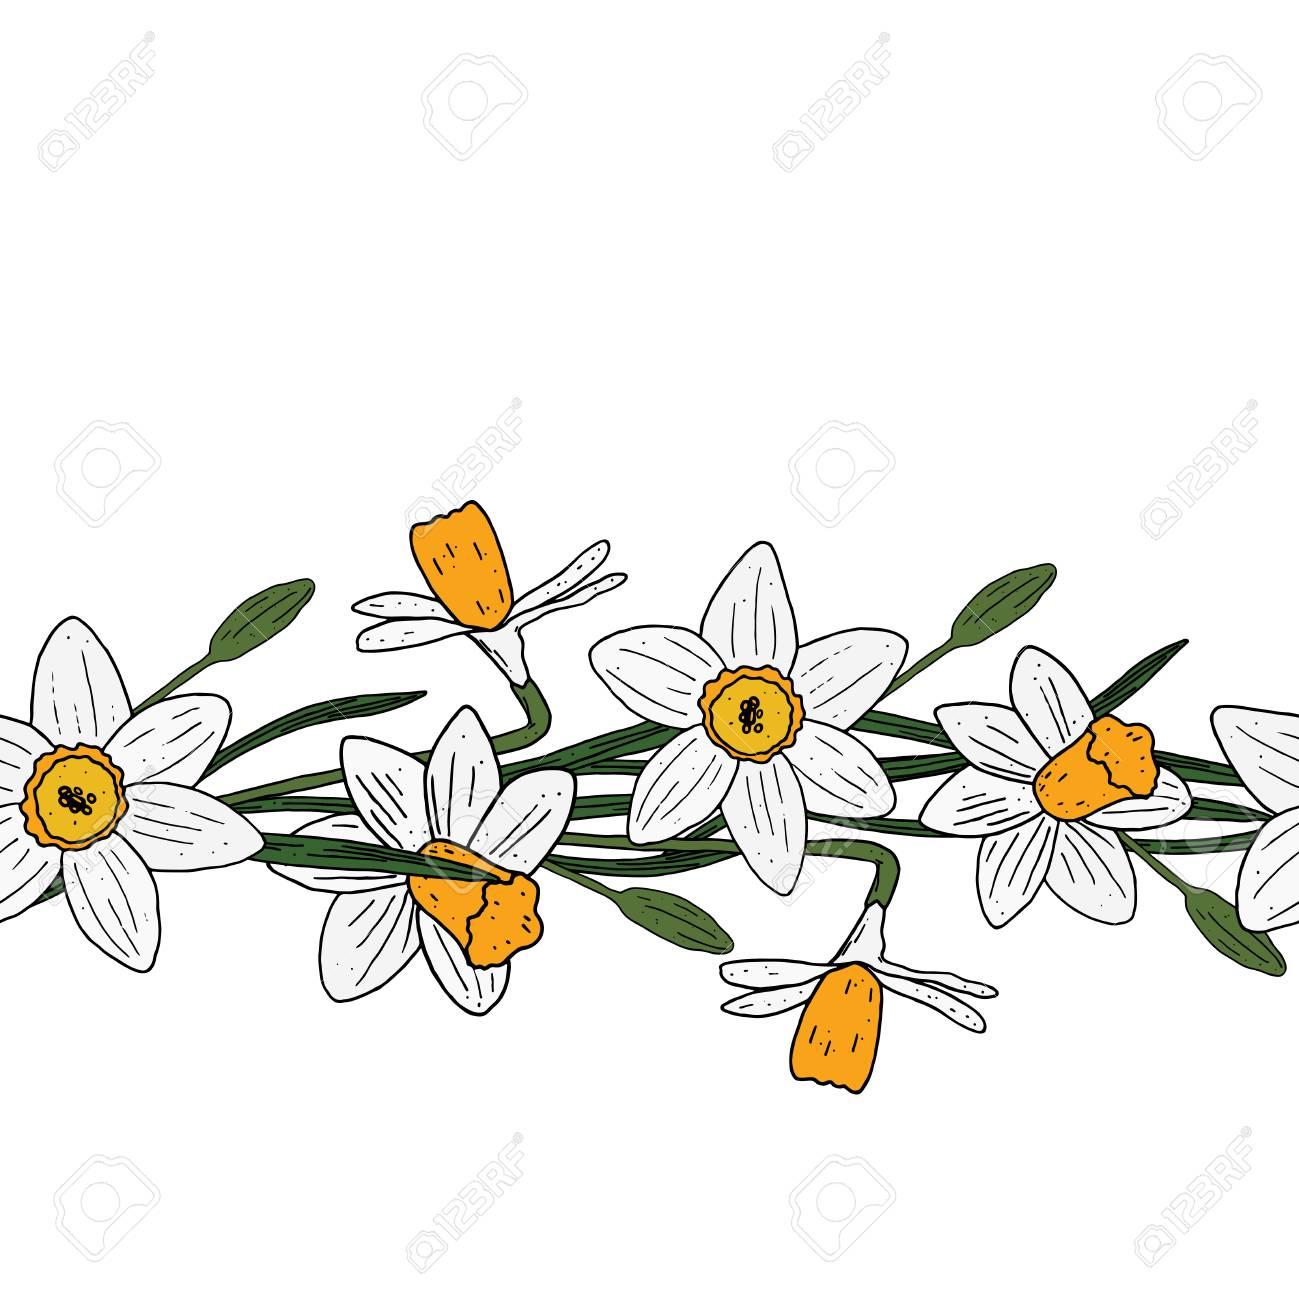 Flower line png, Flower line png Transparent FREE for download on  WebStockReview 2020